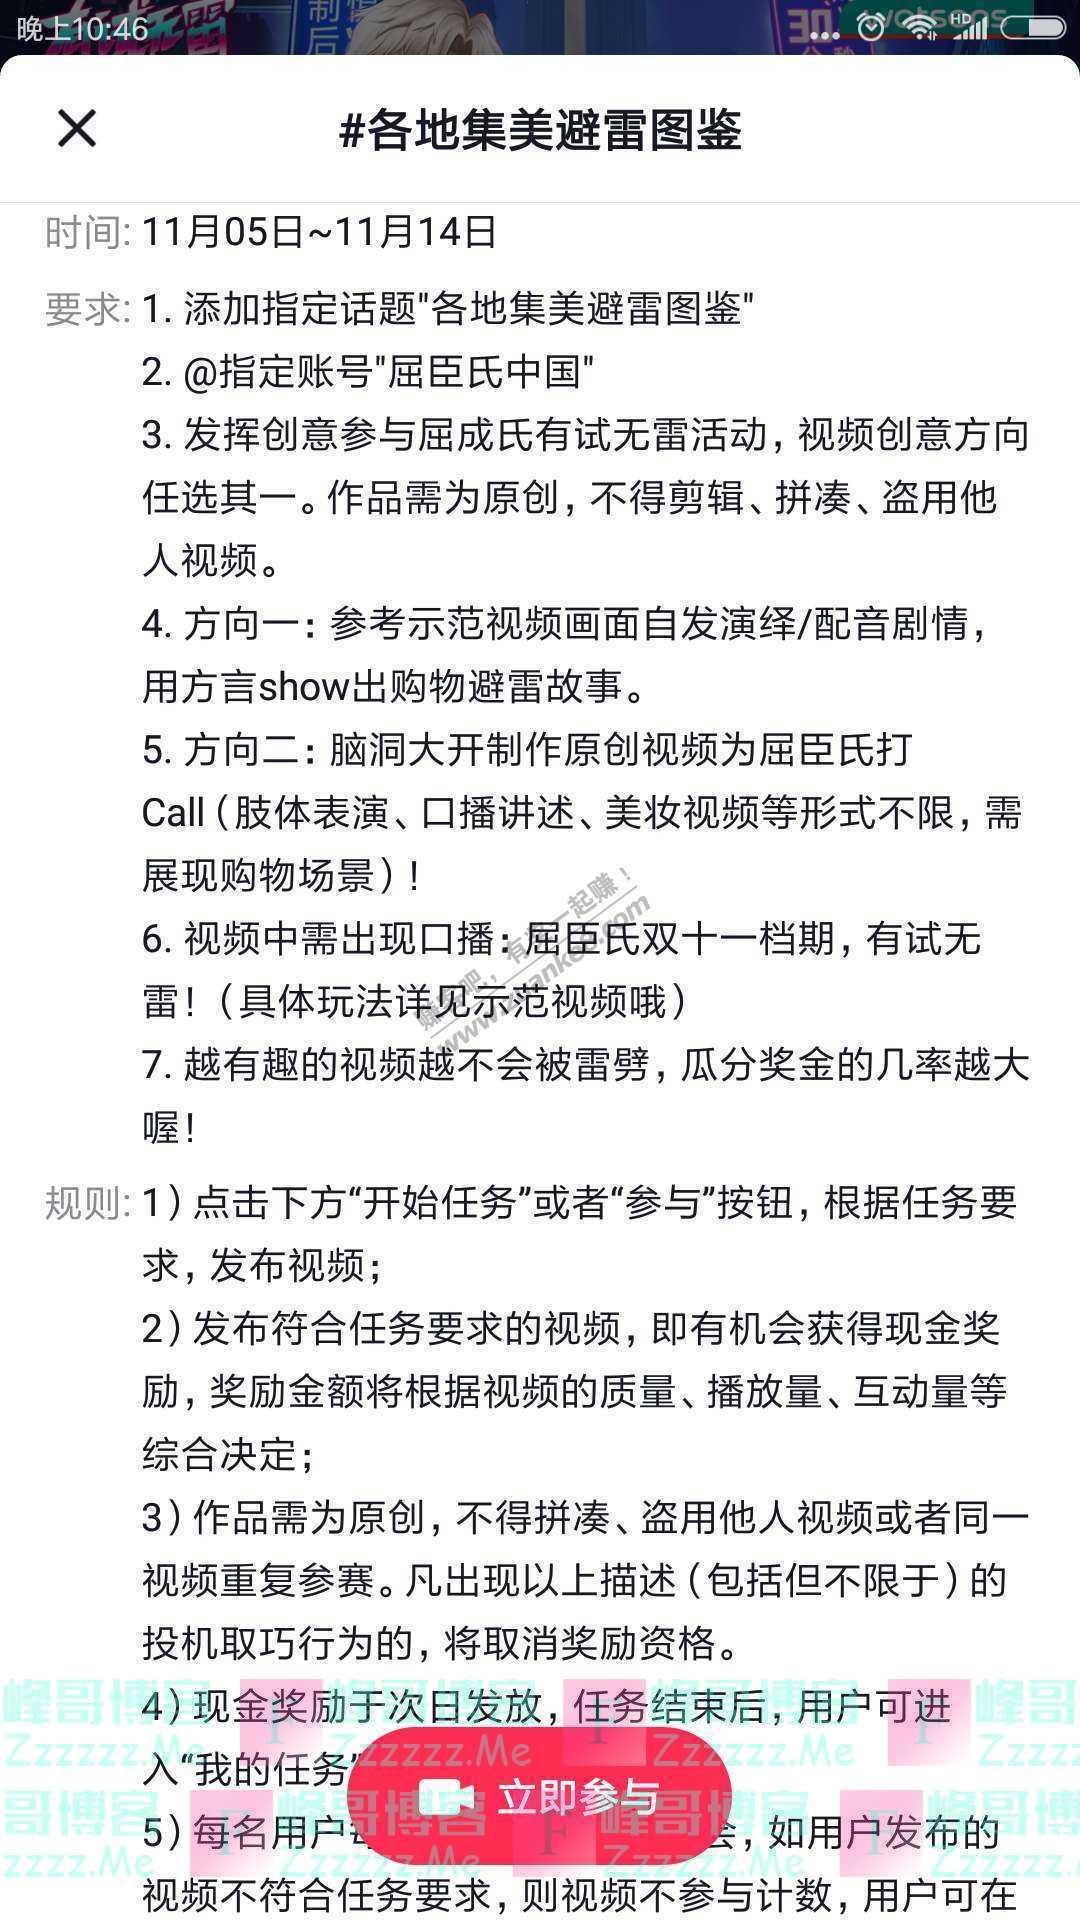 屈臣氏服务助手小甘菊、凡士林……(截止11月14日)